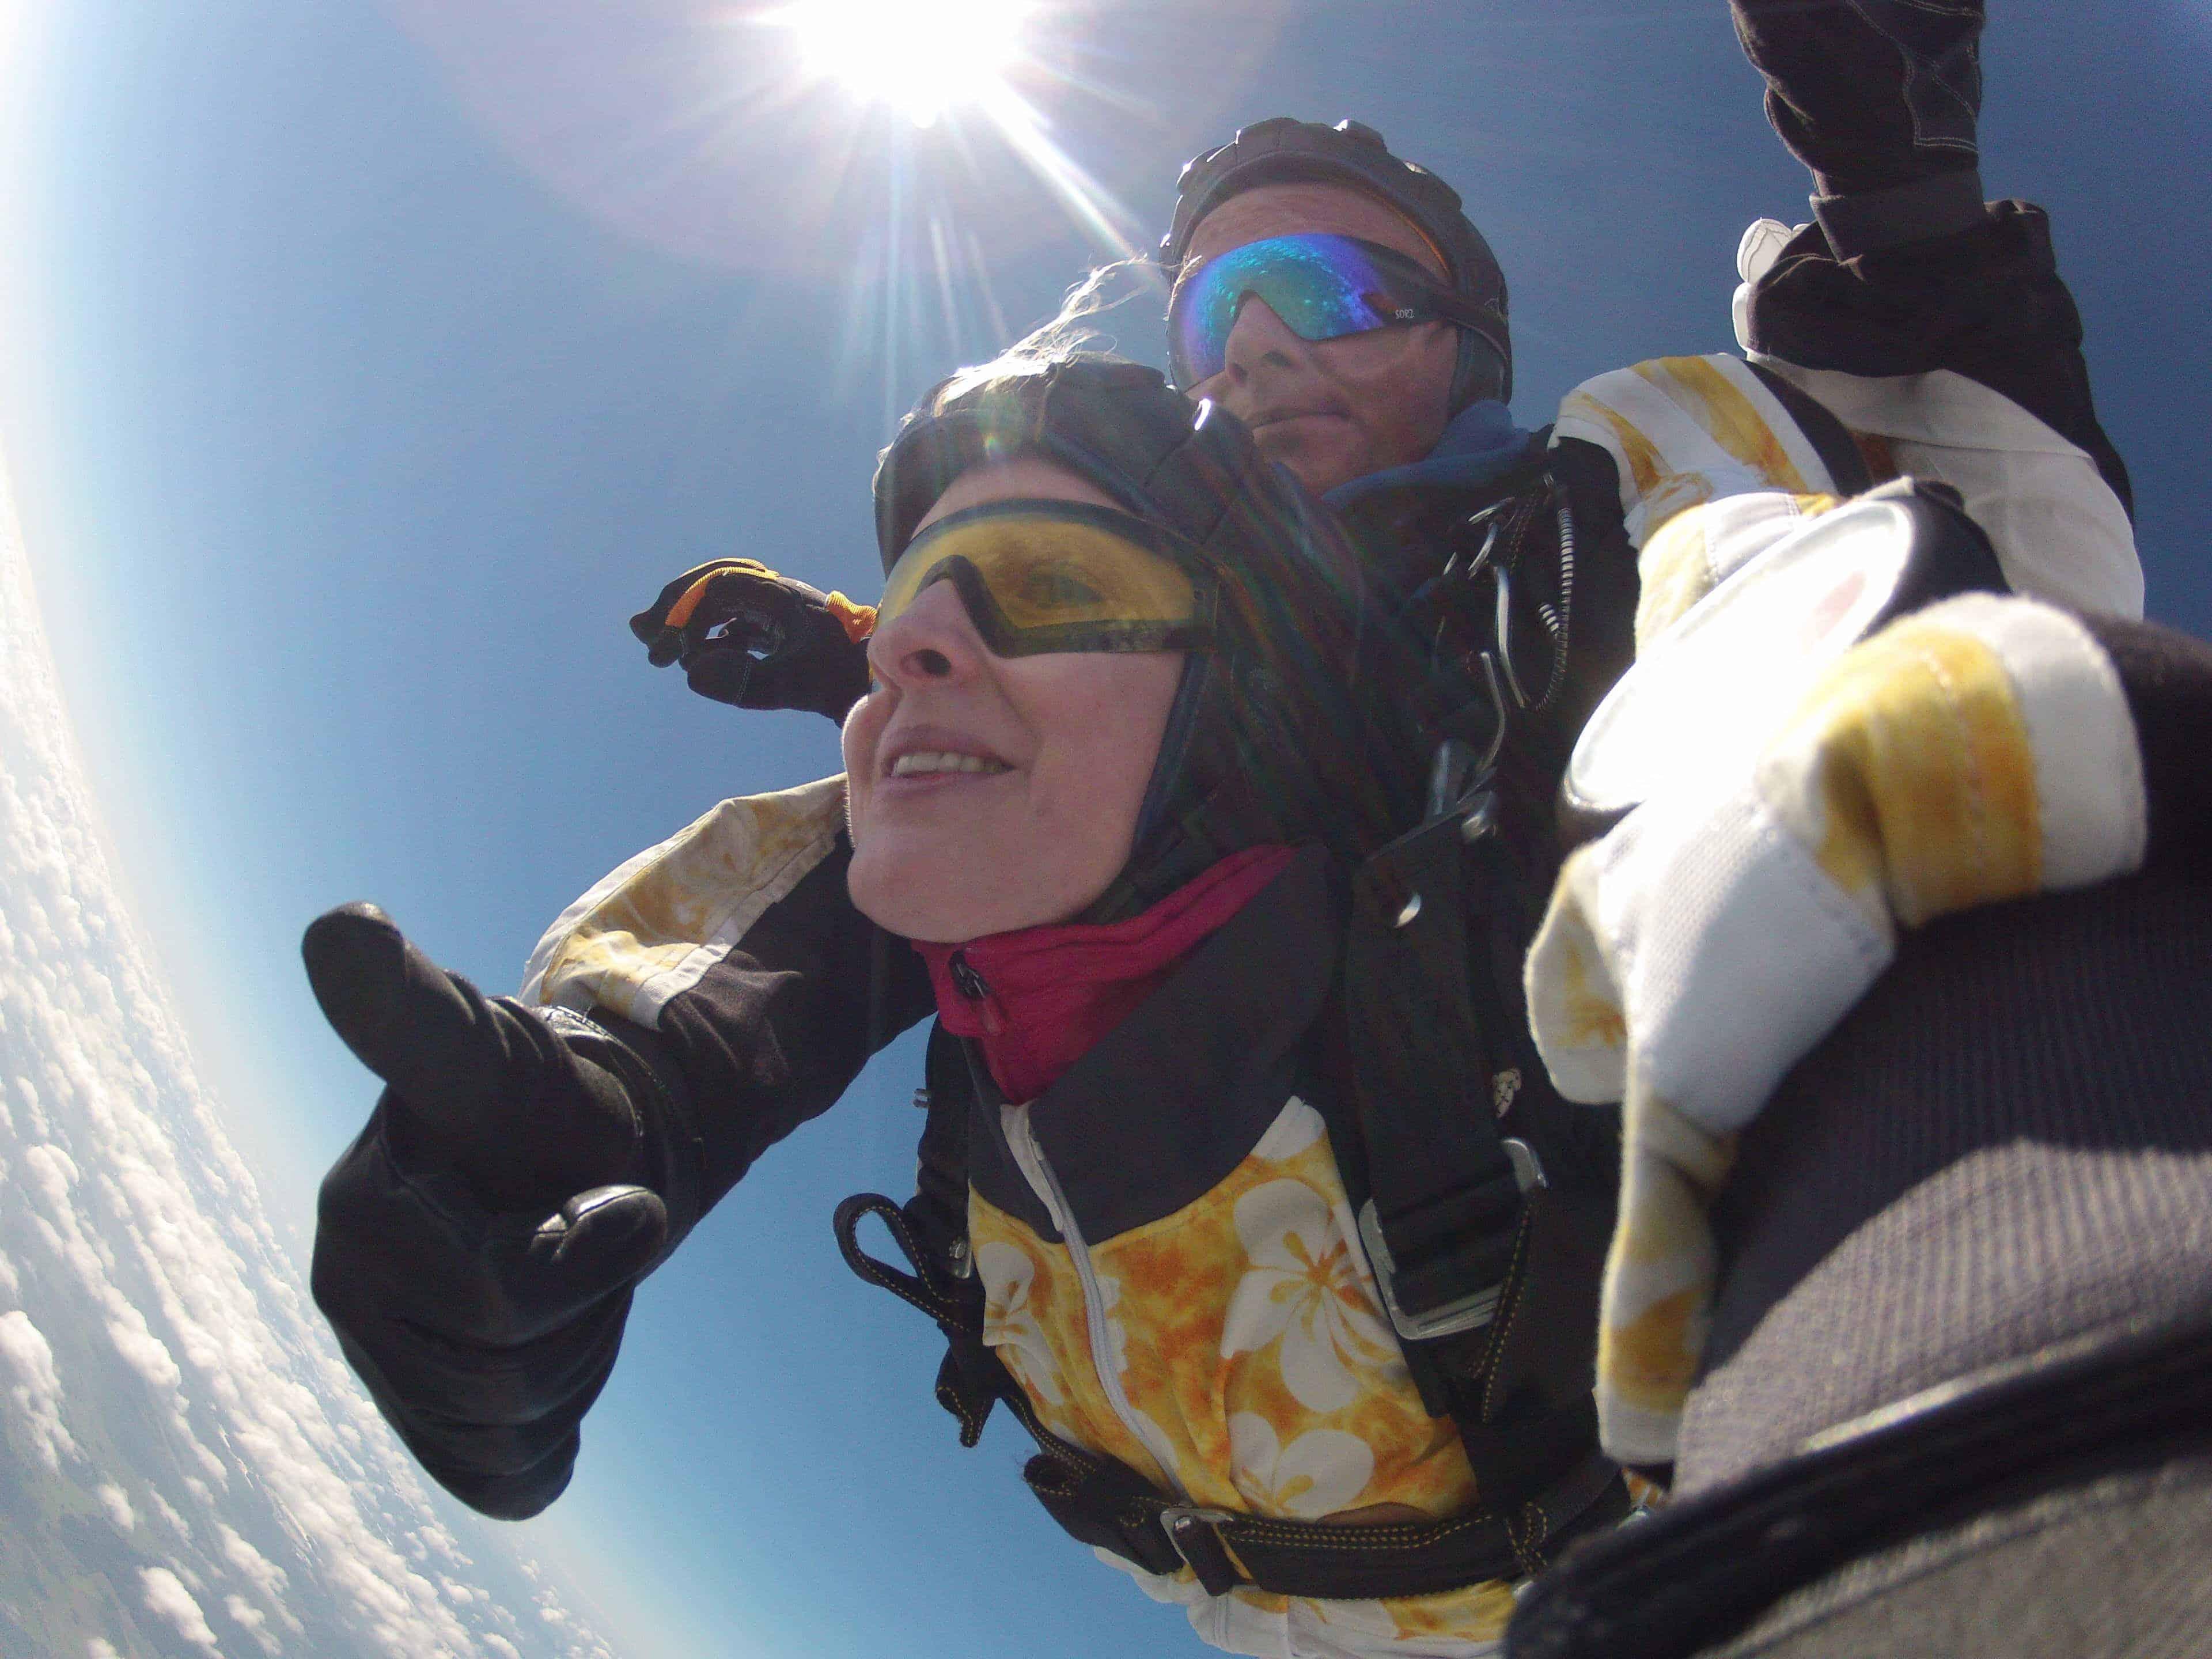 Fallschirmspringen Kundin Prackenbach Tandemsprung